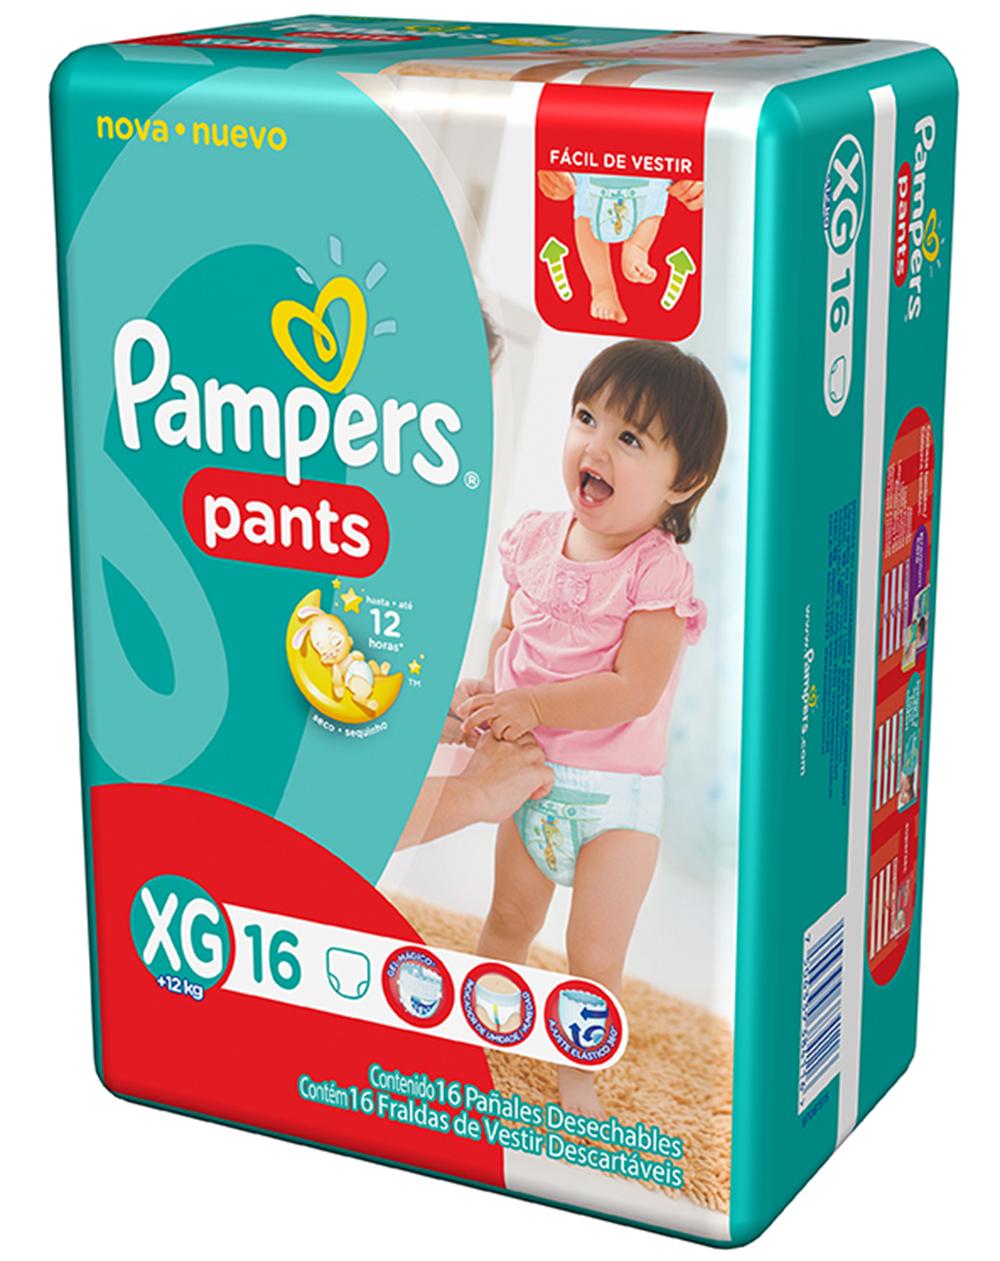 Fralda Descartável Pampers Pants XG c/16